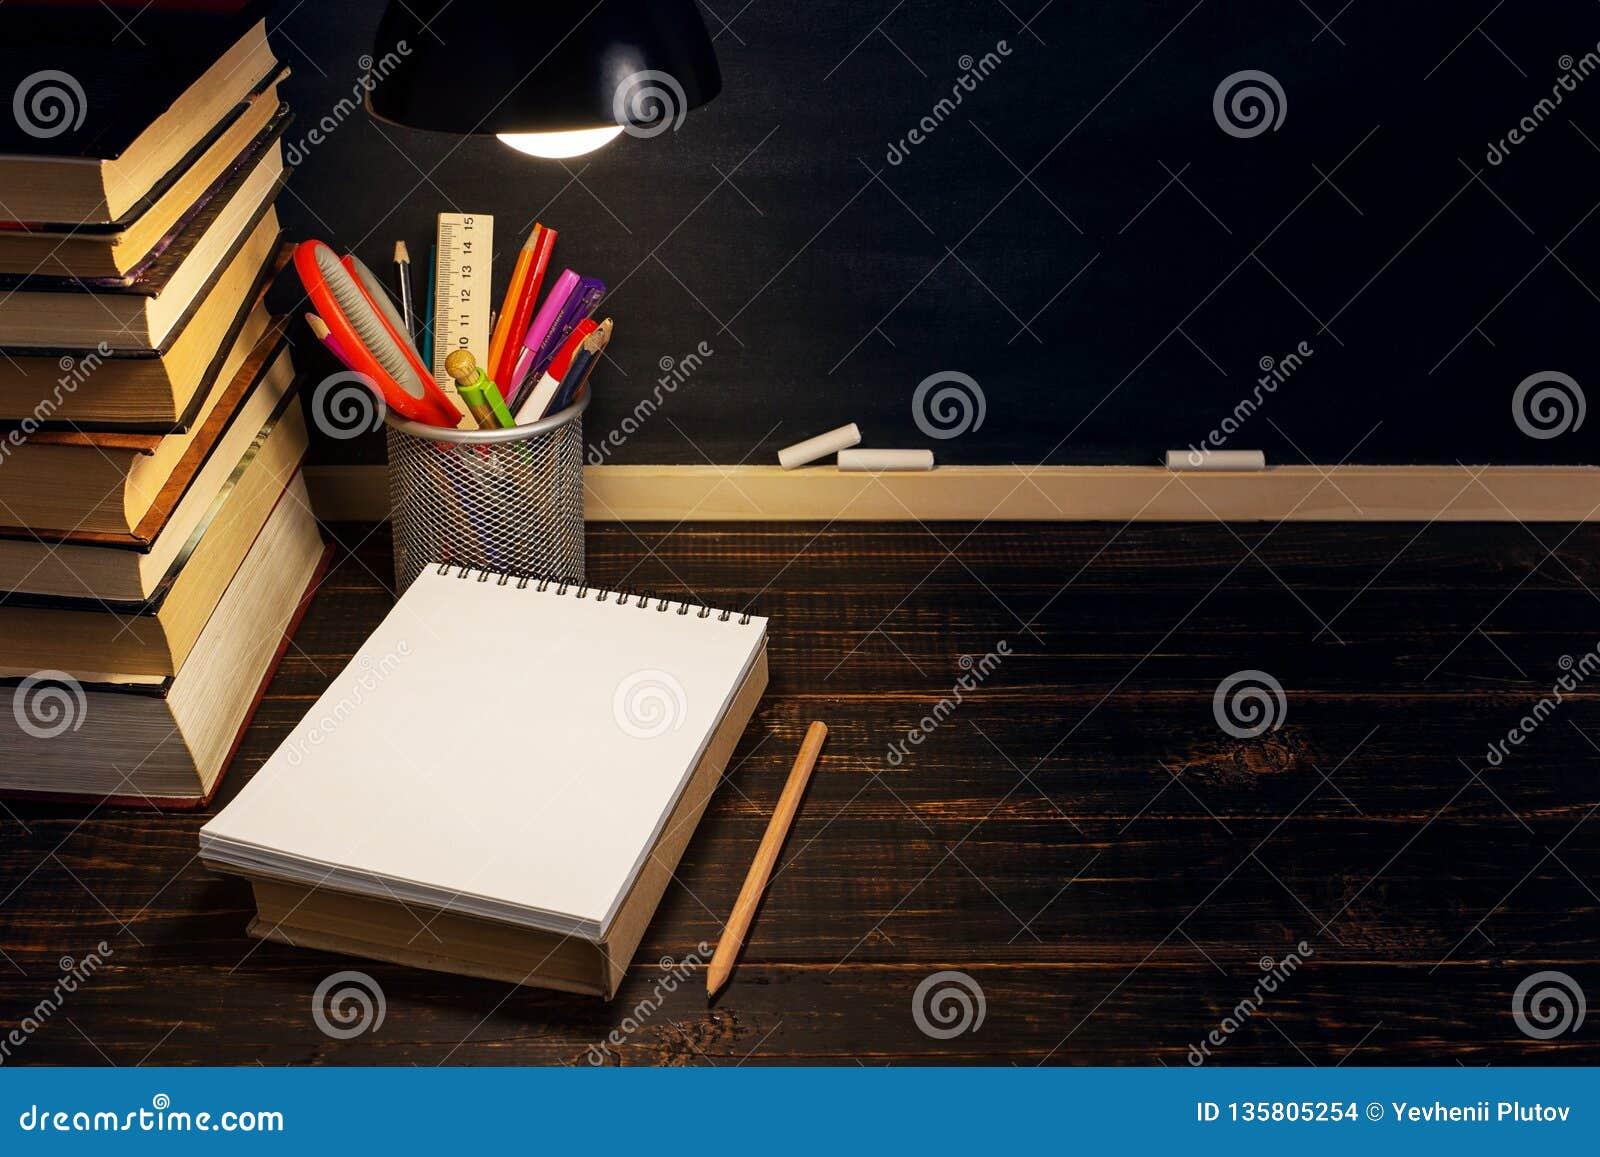 Un trabajador del profesor el escritorio o, en los cuales los materiales de escritura mienten, libros, por la tarde debajo de la